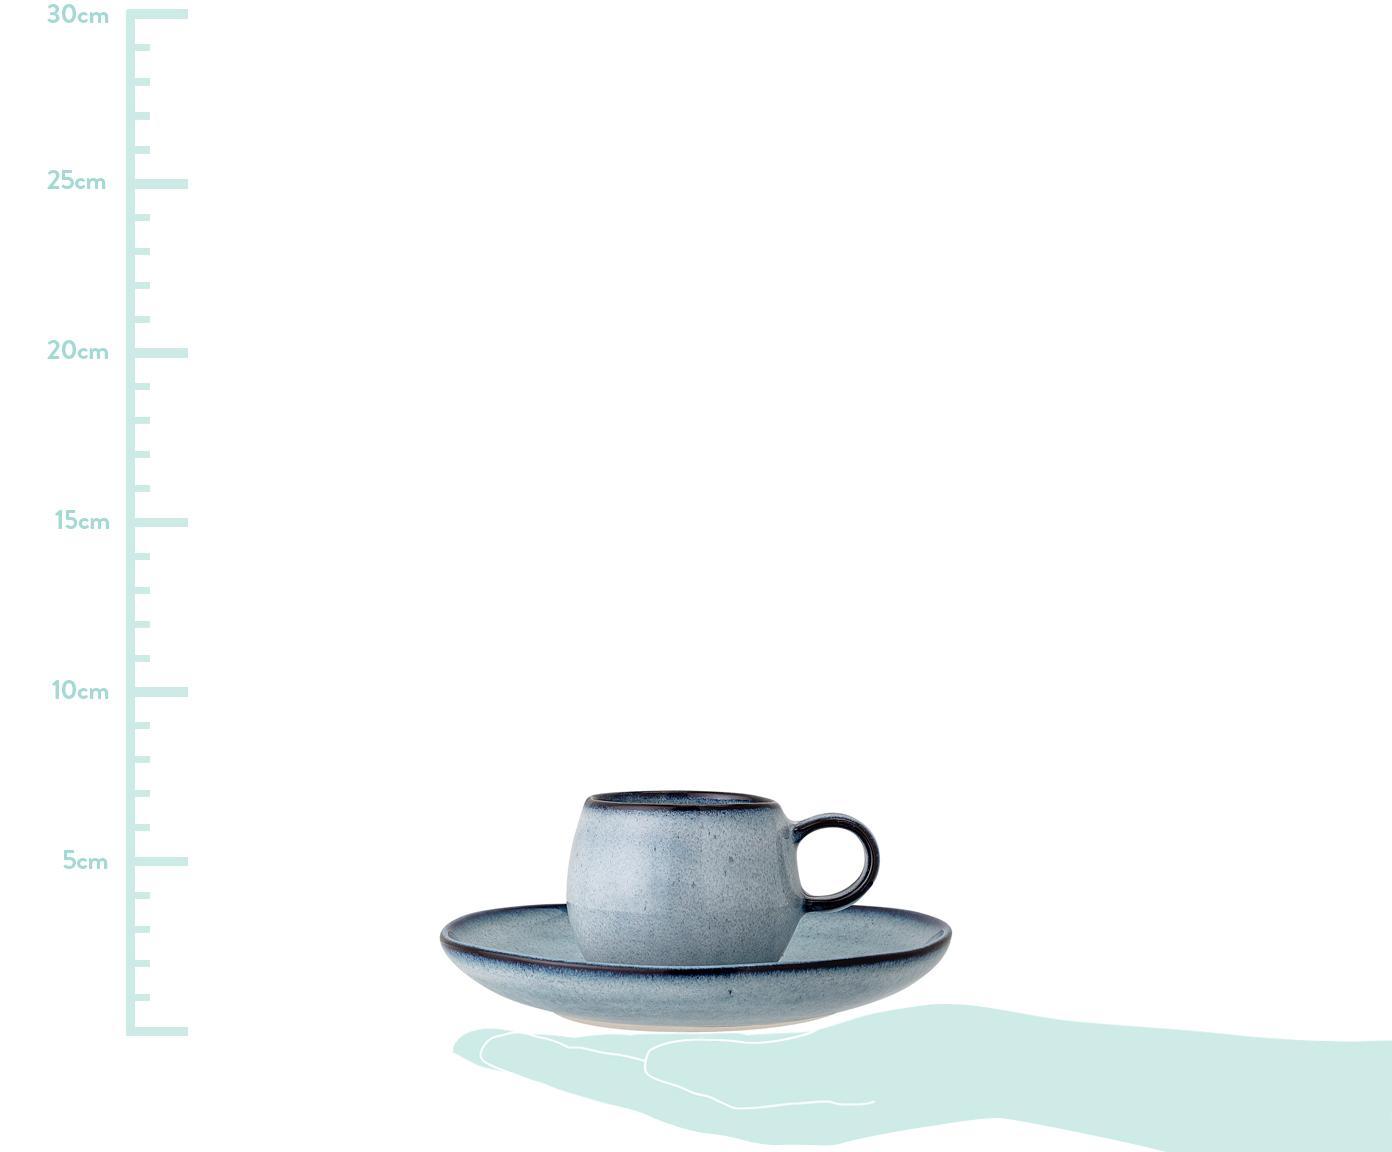 Handgemachte Espressotasse mit Untertasse Sandrine in Blau, Steingut, Blautöne, Sondergrößen